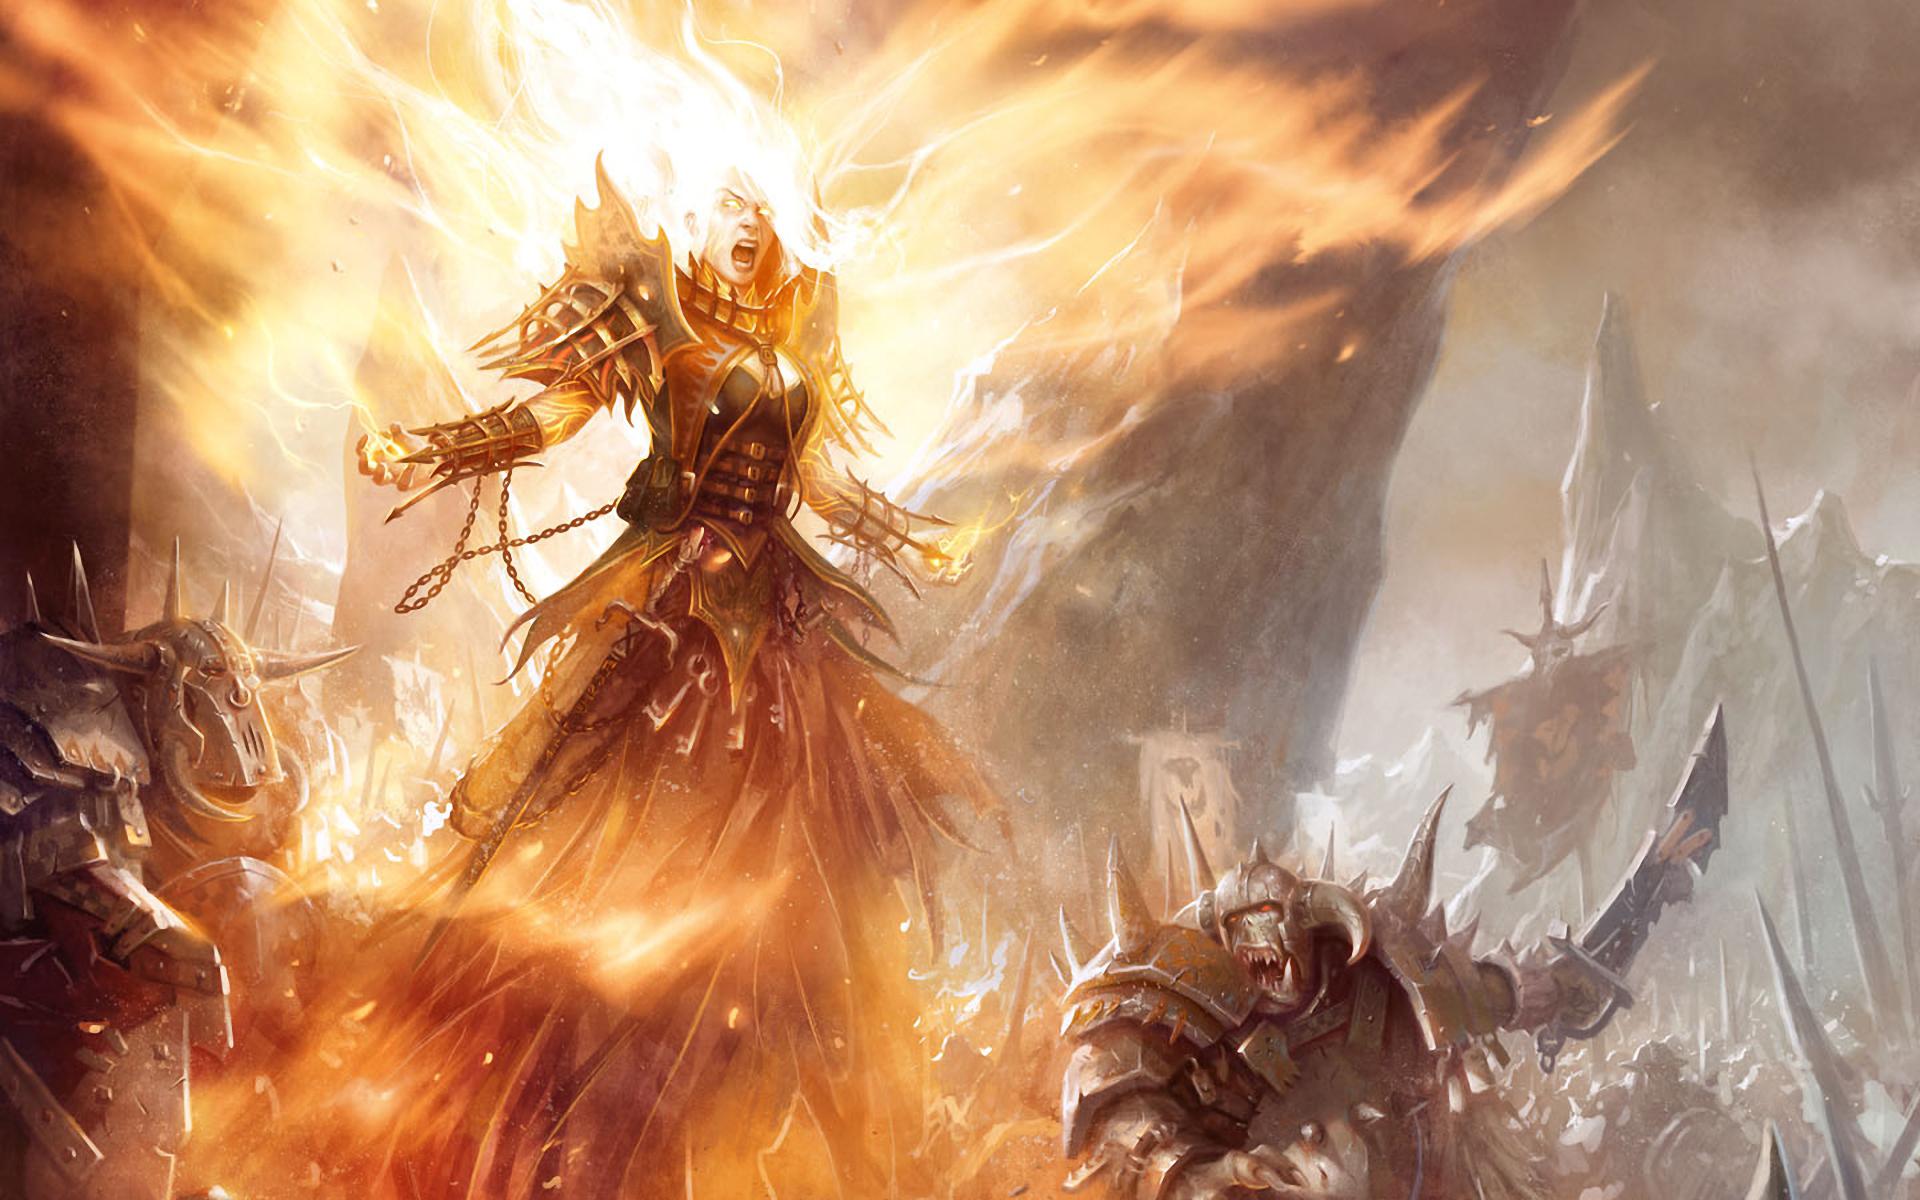 Орды хаоса рыцарь огня